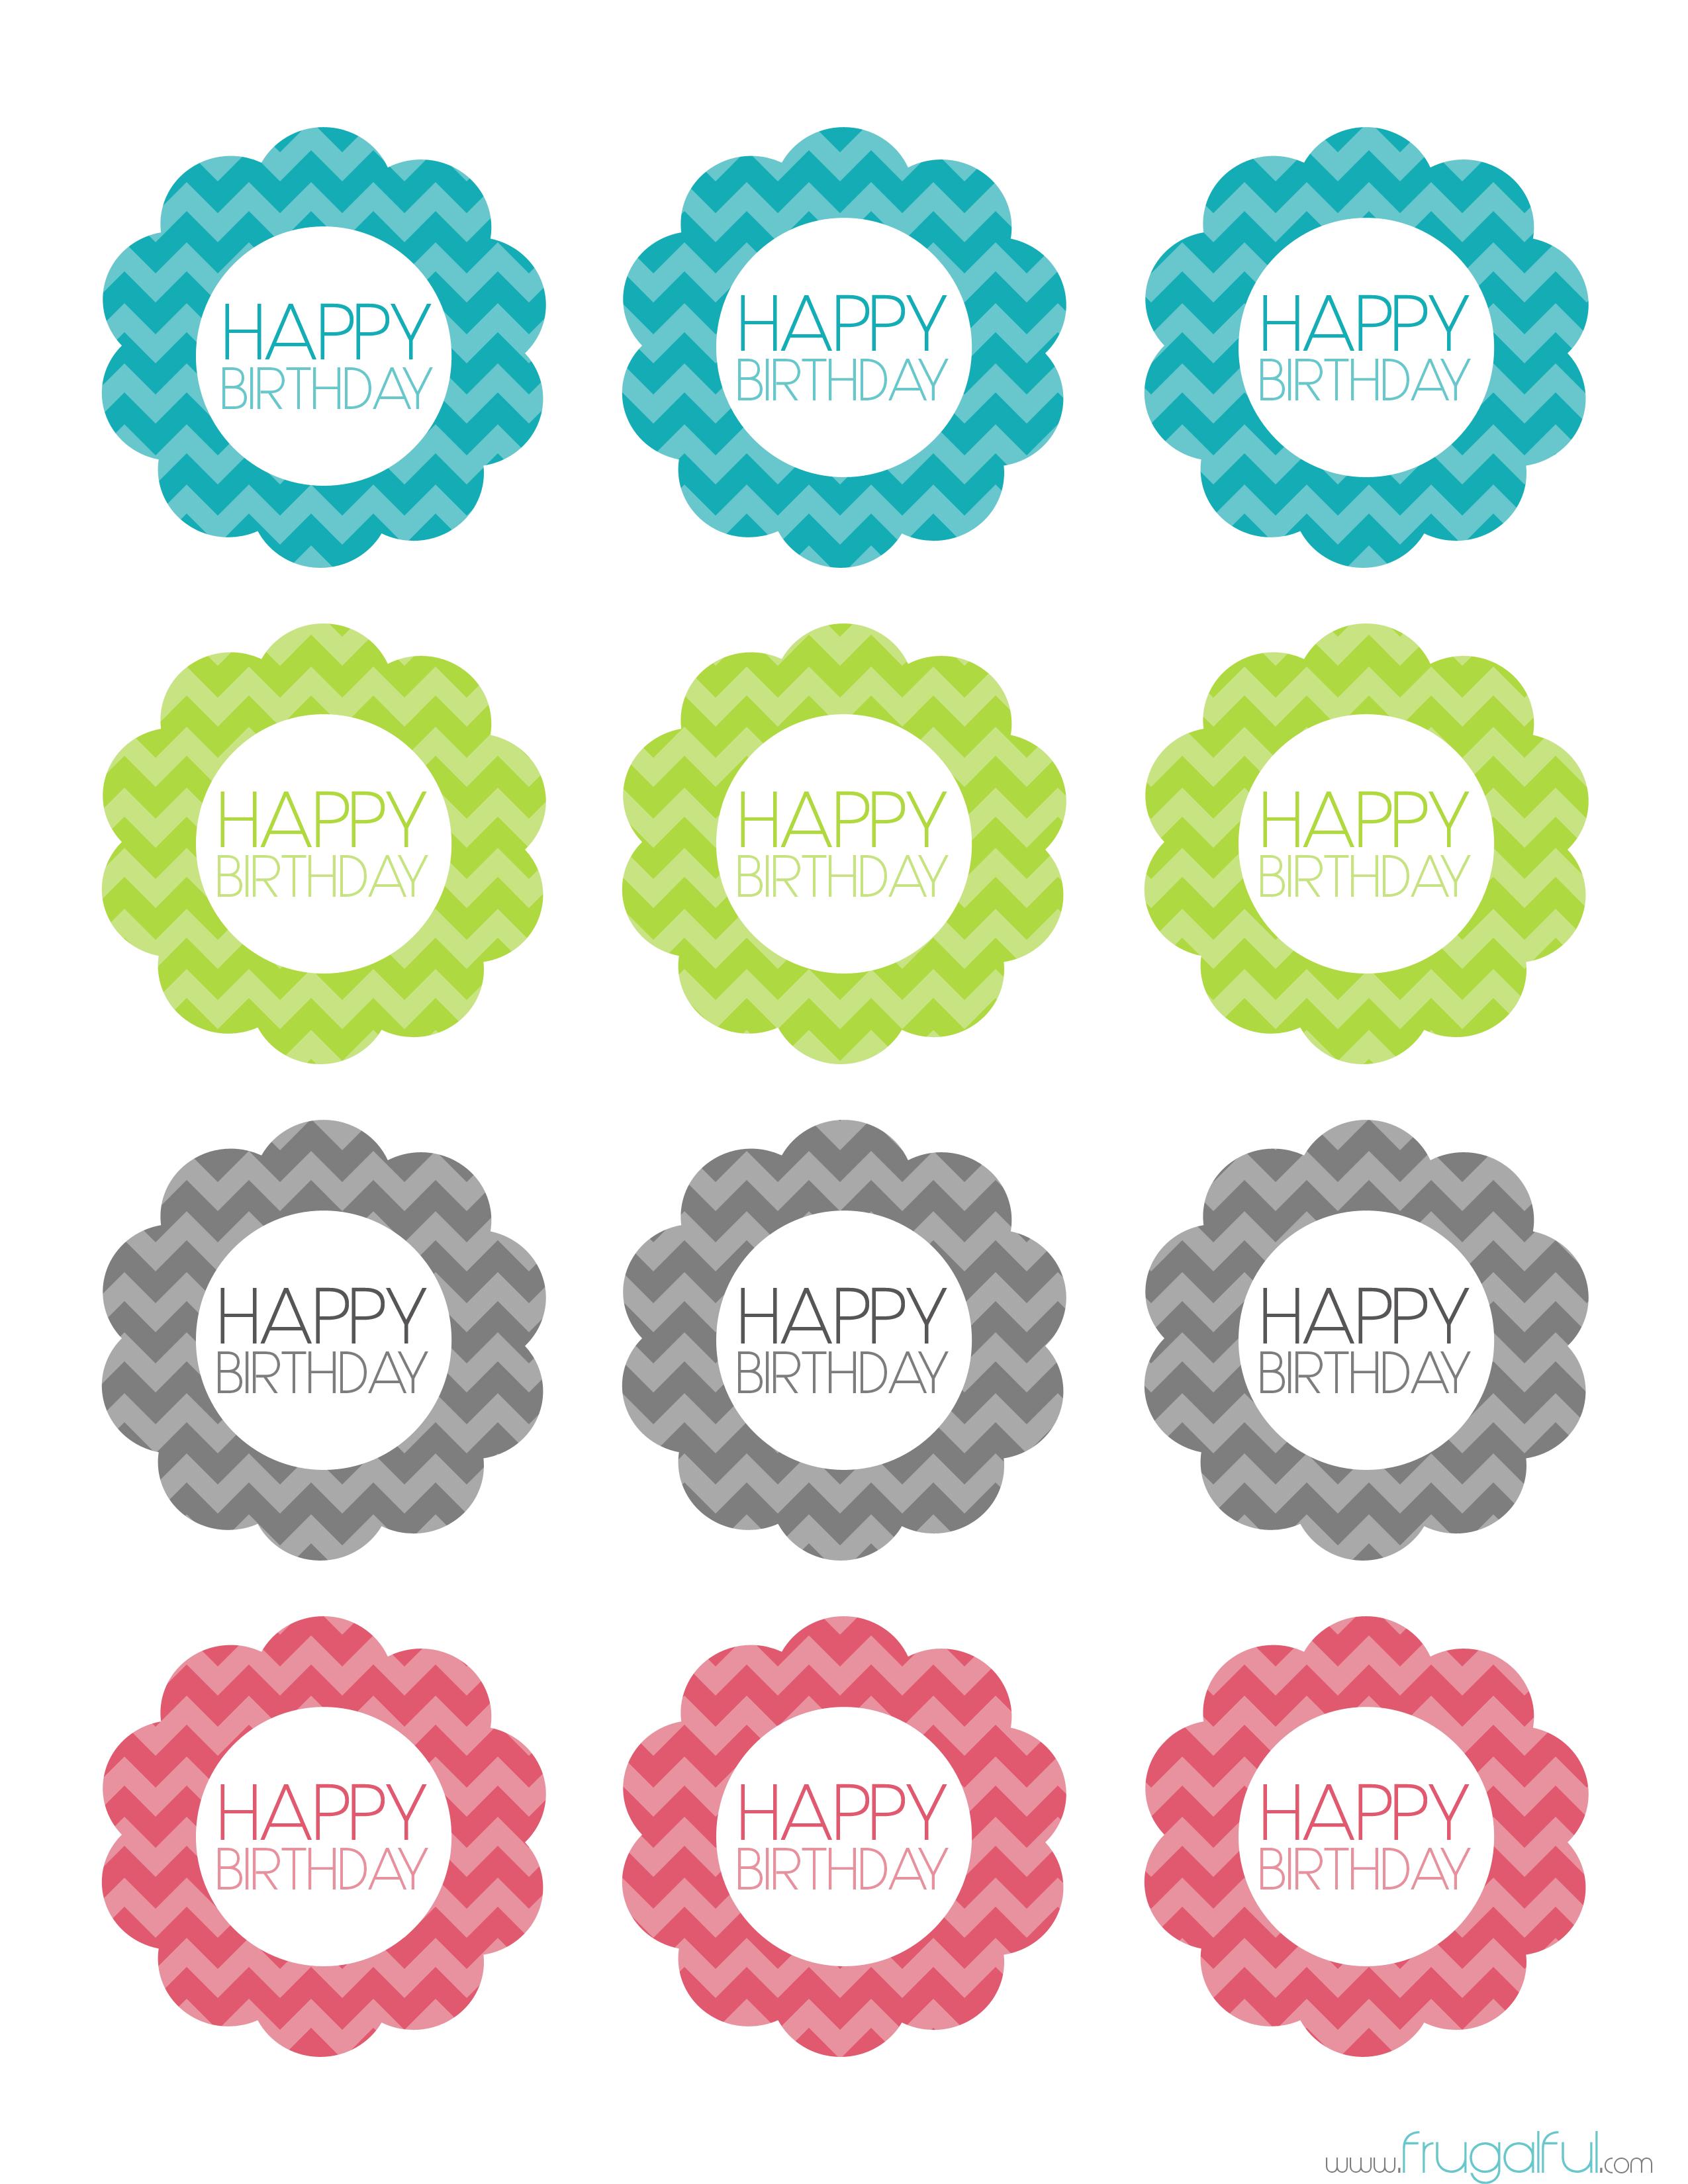 Free Printable Chevron Birthday Cupcake Topper | Frugalful | Par - Free Printable Cupcake Toppers